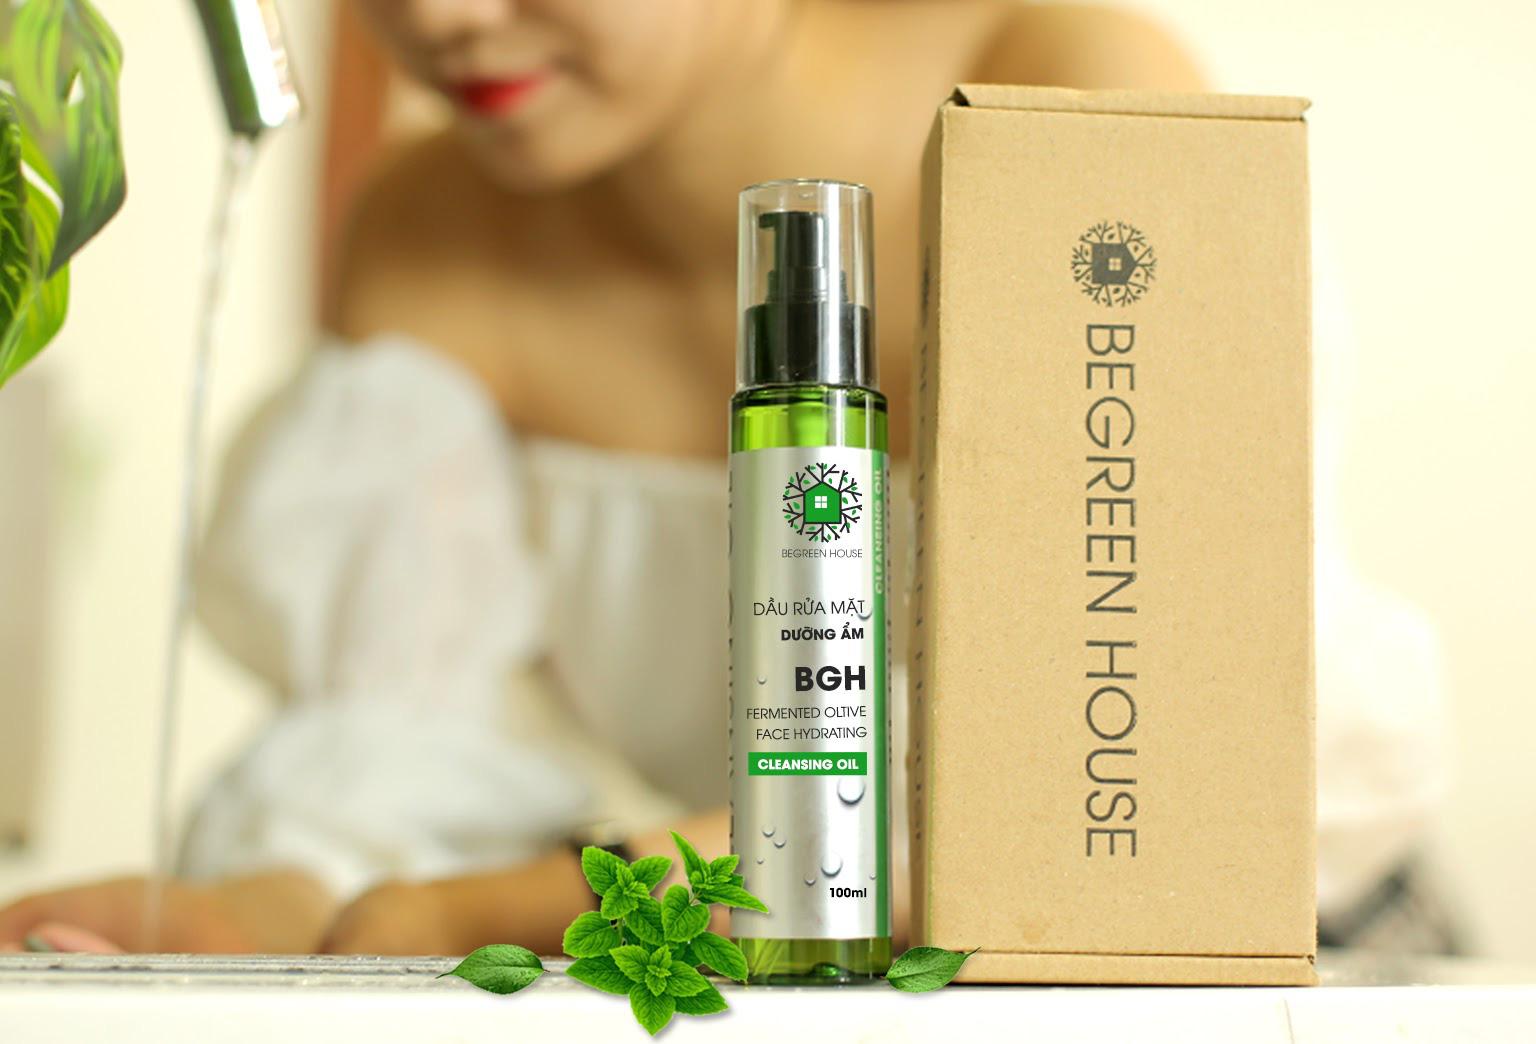 Dầu rửa mặt Begreen House - giải pháp làm sạch da nhanh gọn mà cực hiệu quả cho cô nàng bận rộn - Ảnh 2.